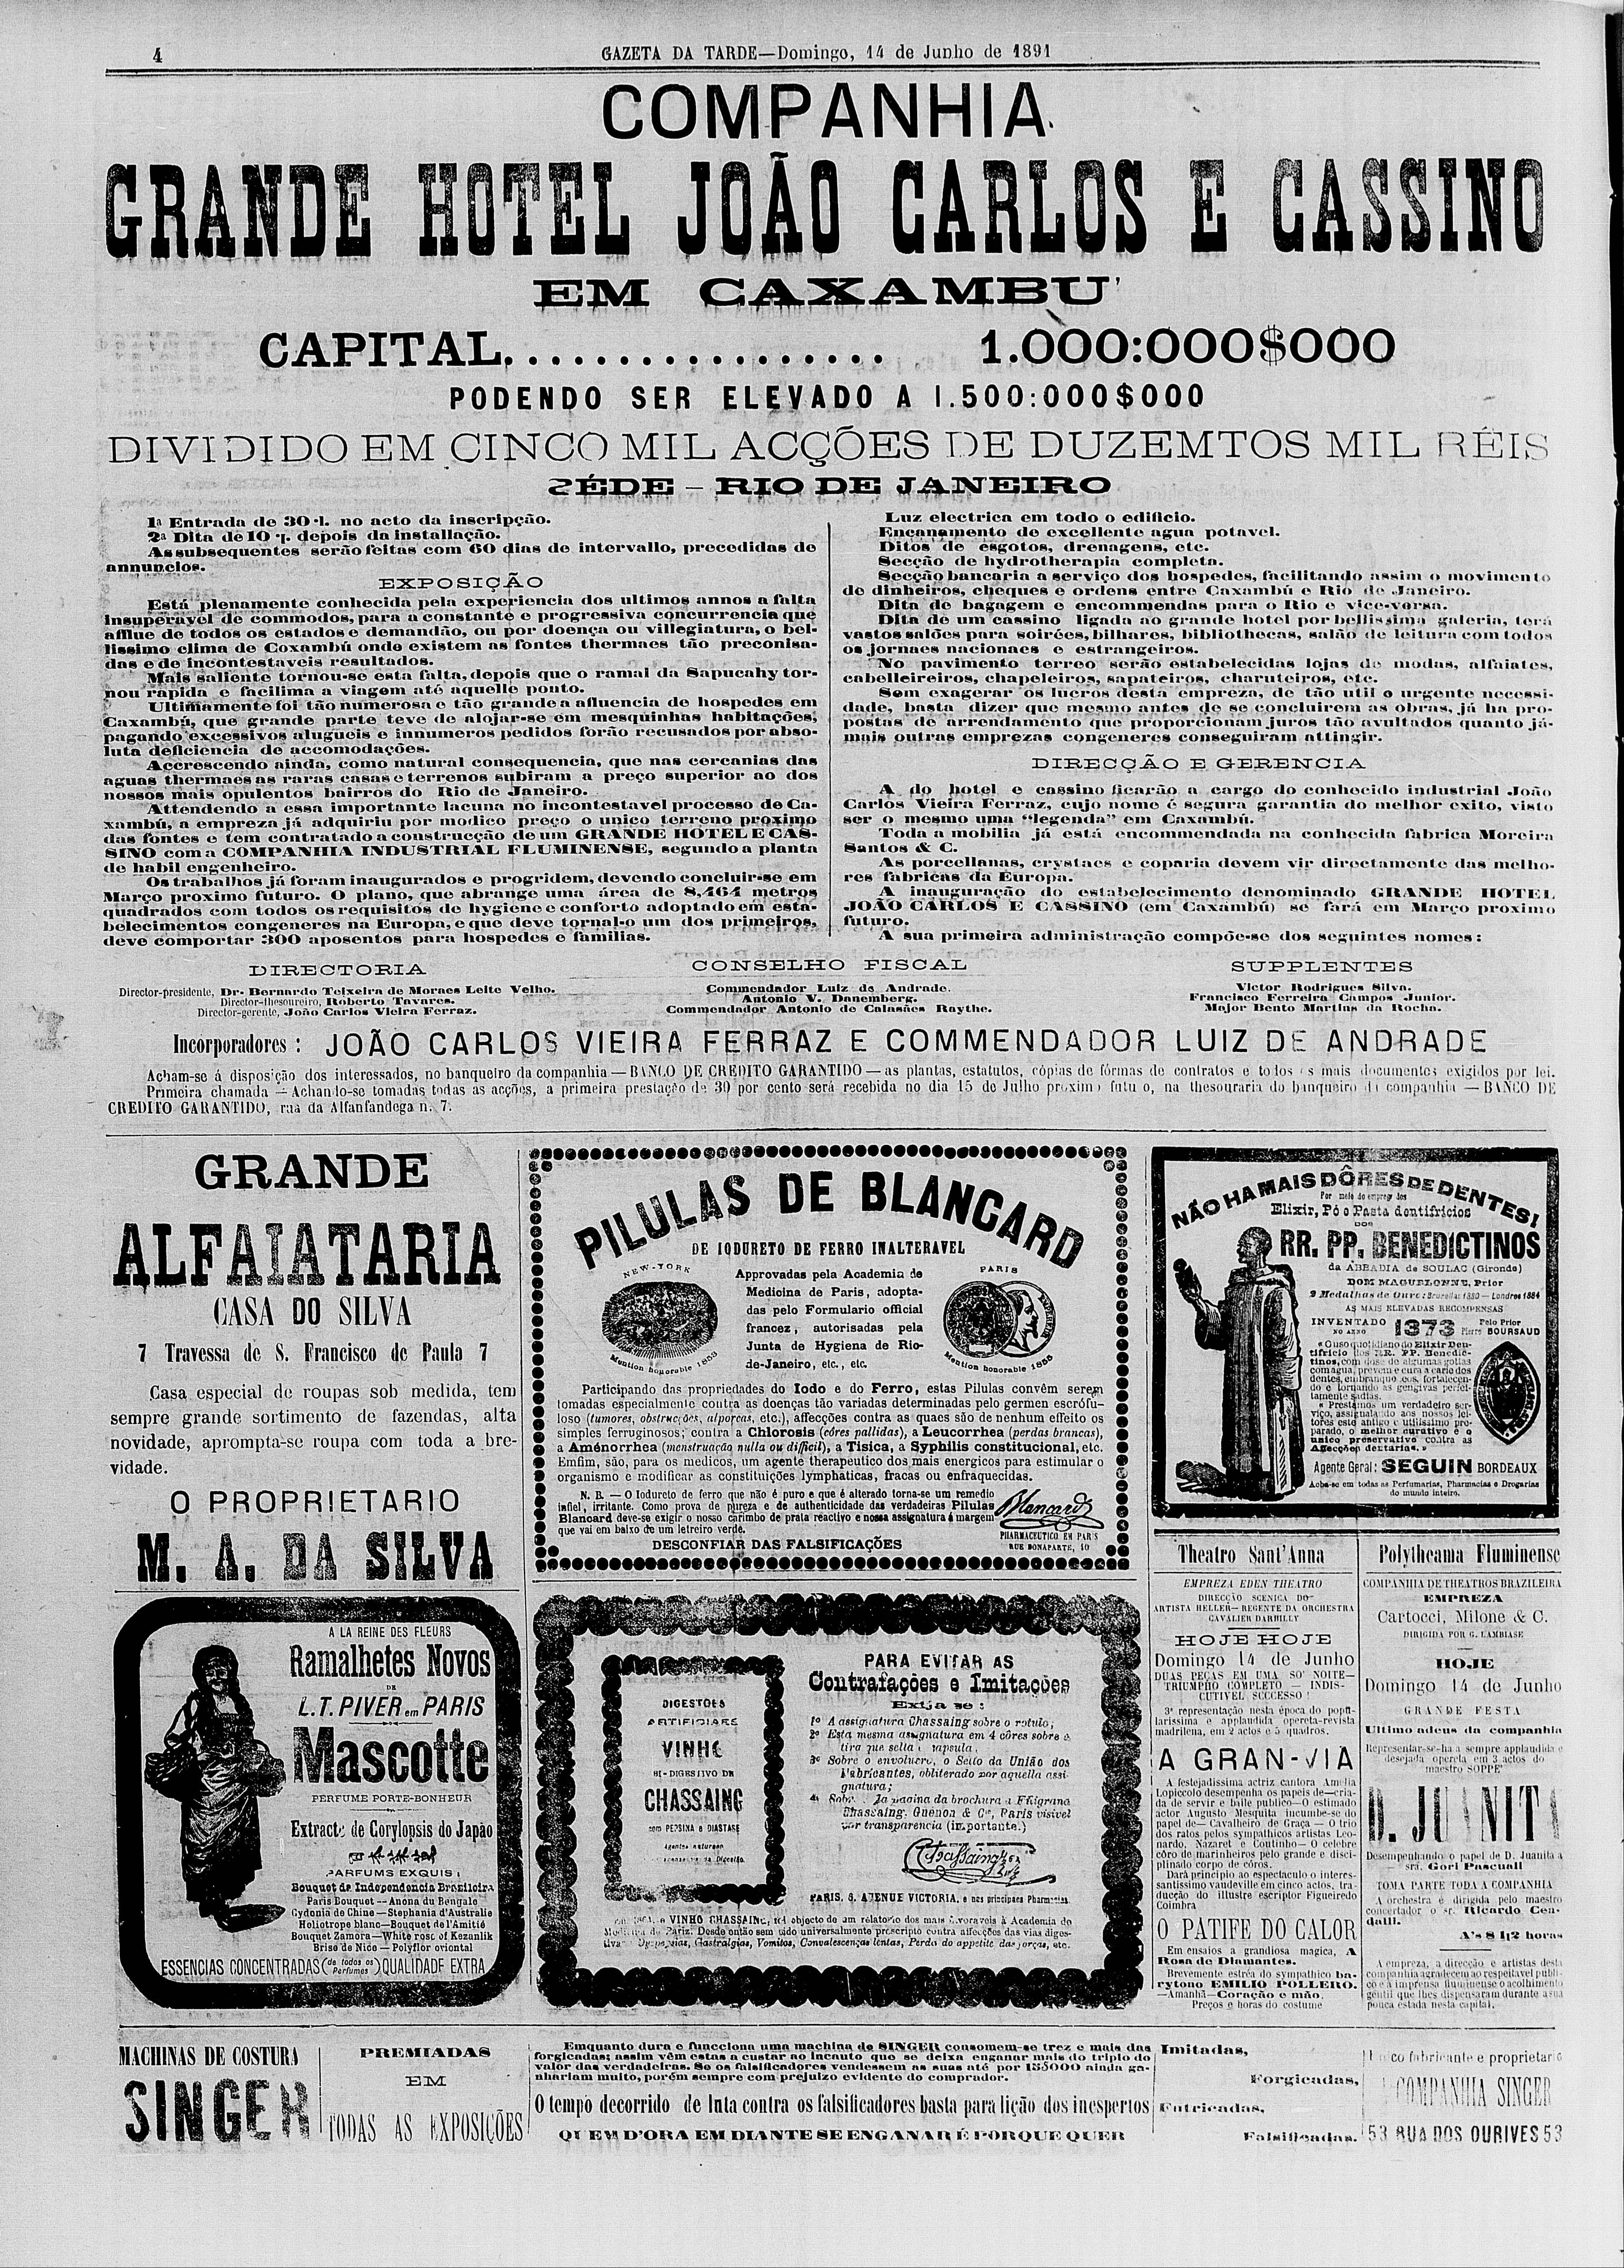 Gazeta da Tarde, 14 de junho de 1891